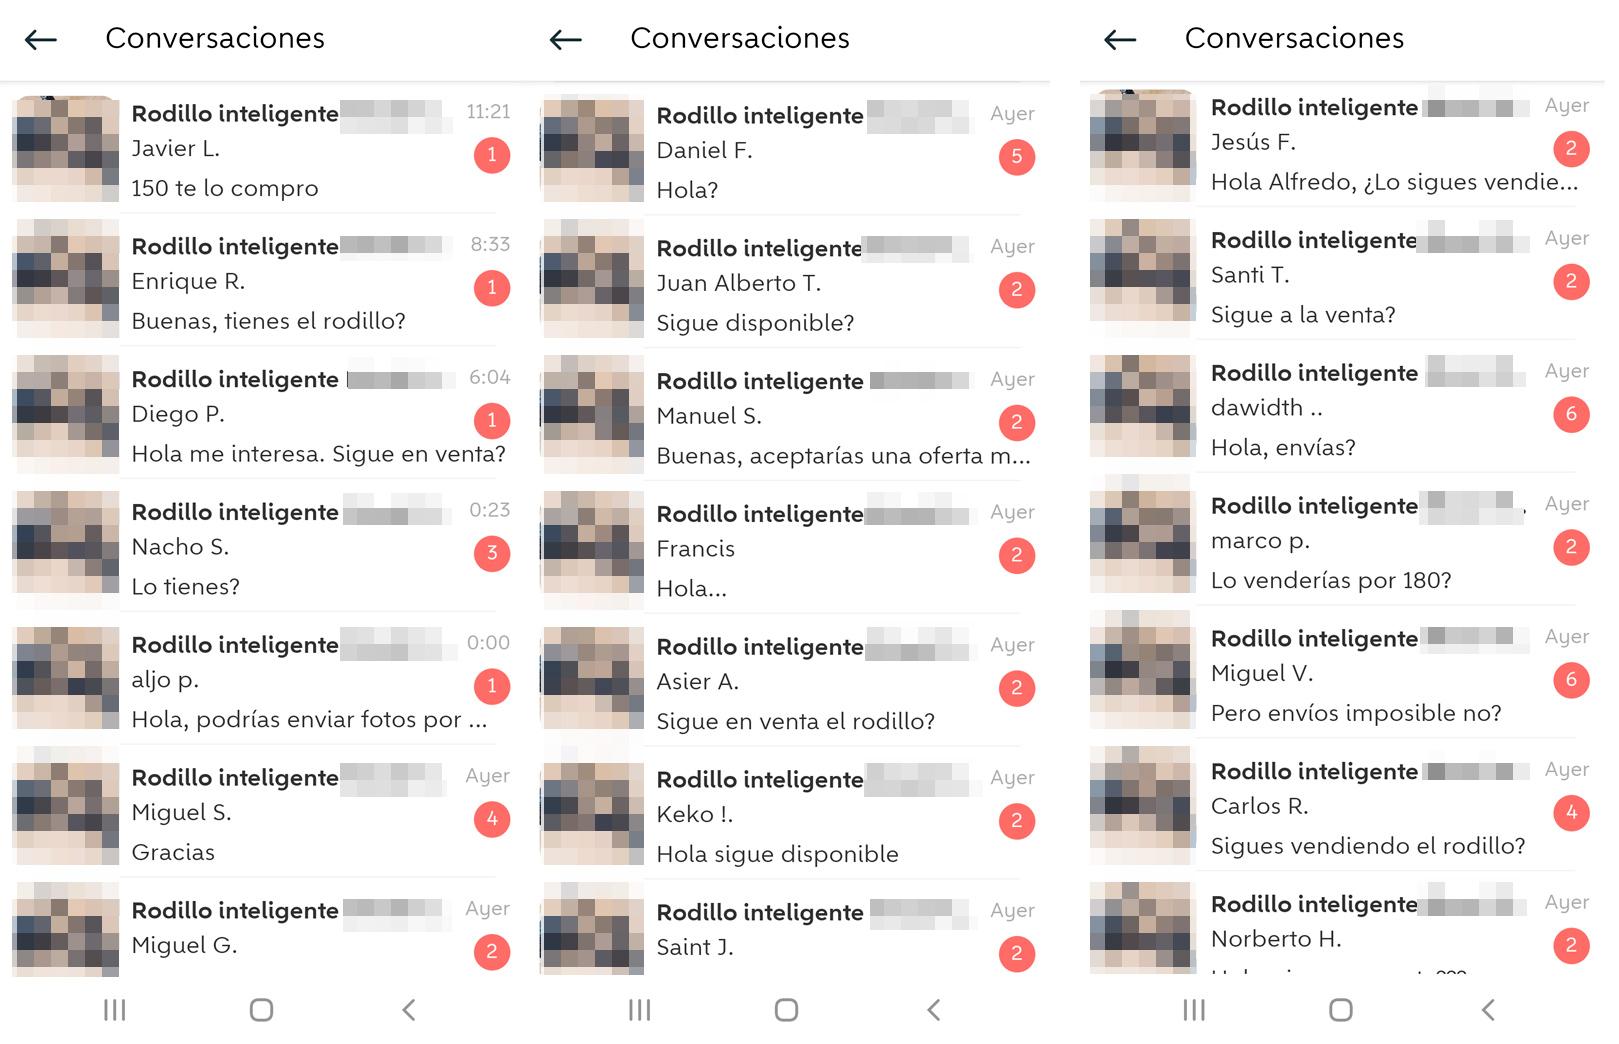 Exactamente 134 usuarios se han interesado por el rodillo en la última semana